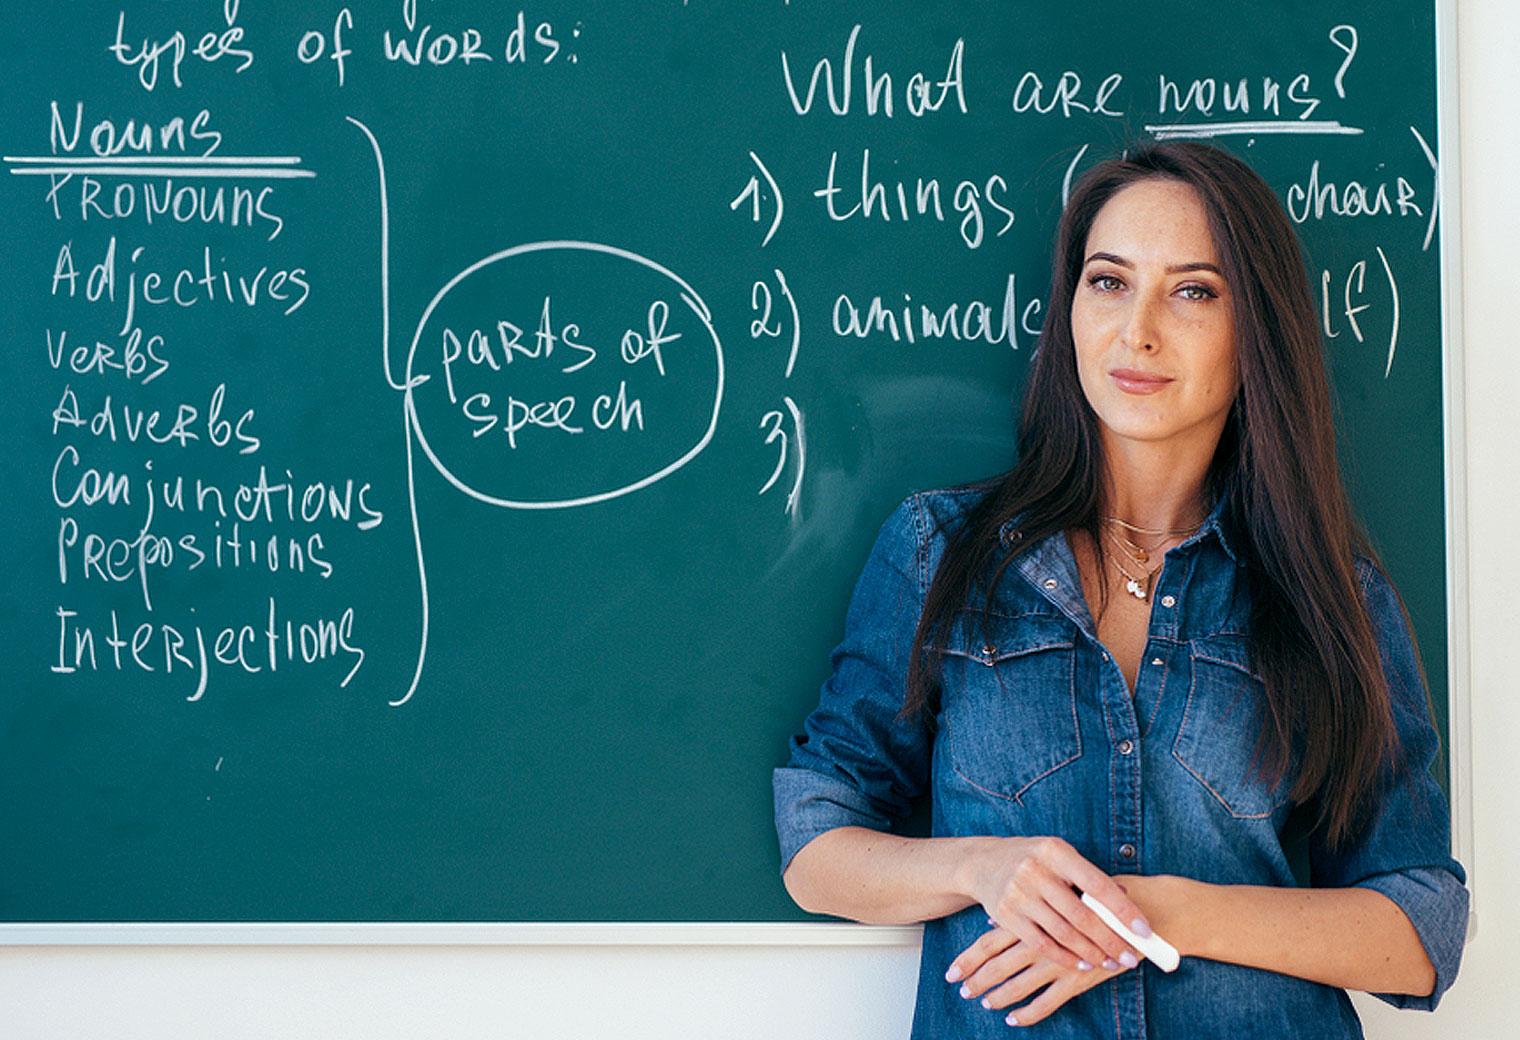 Chương trình giảng dạy cũng phản ánh chất lượng của các trung tâm tiếng Anh